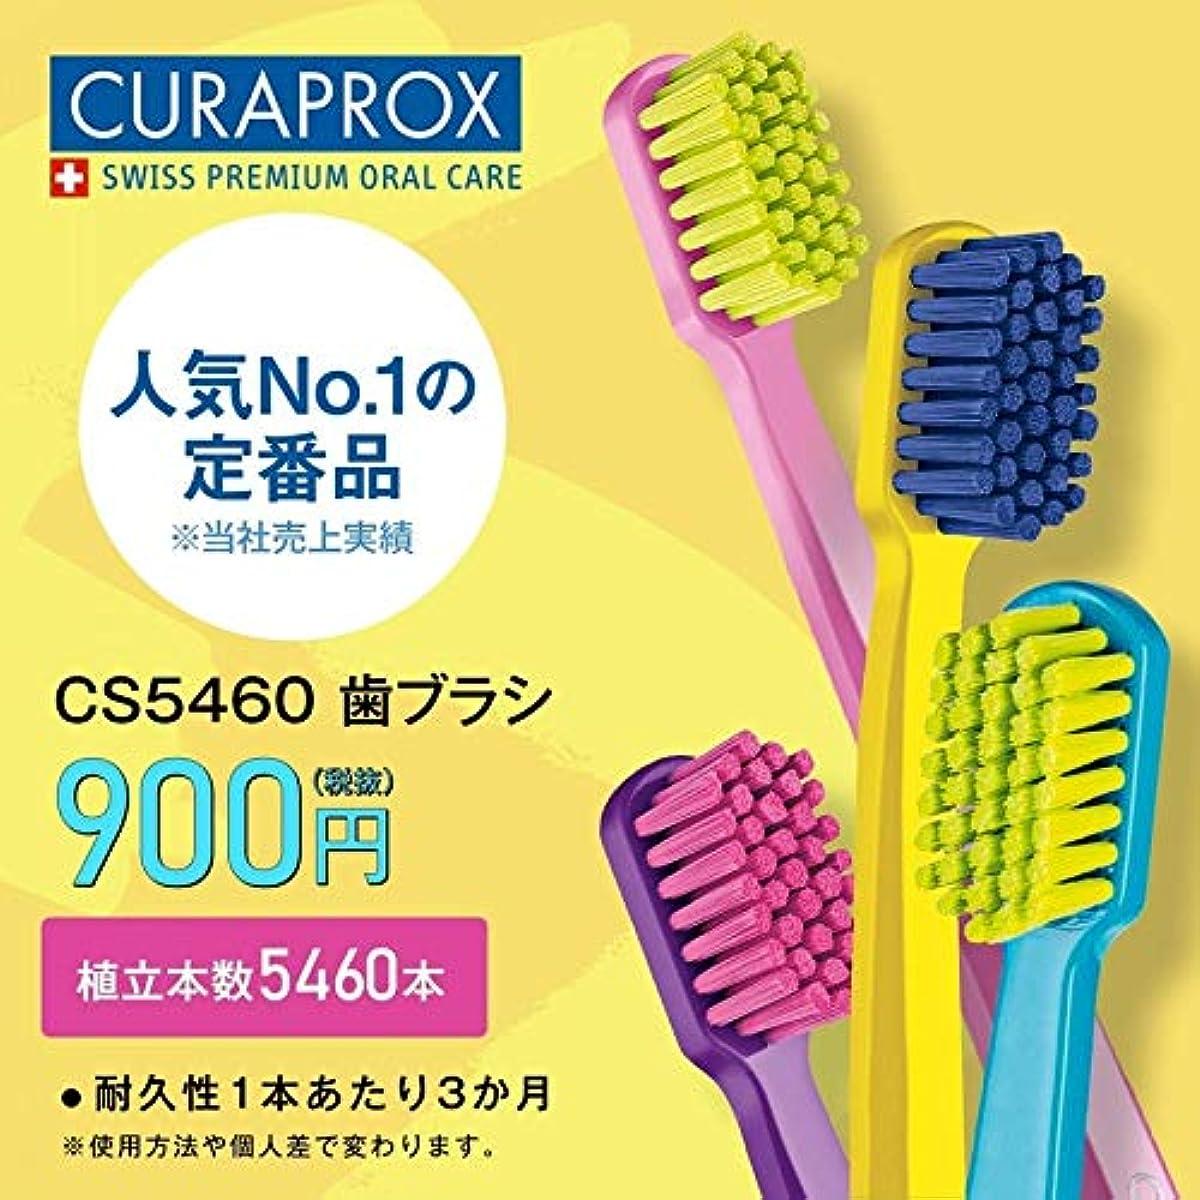 疑いお手伝いさんかりて歯ブラシ クラプロックス CS5460 ウルトラソフト 植毛5460本